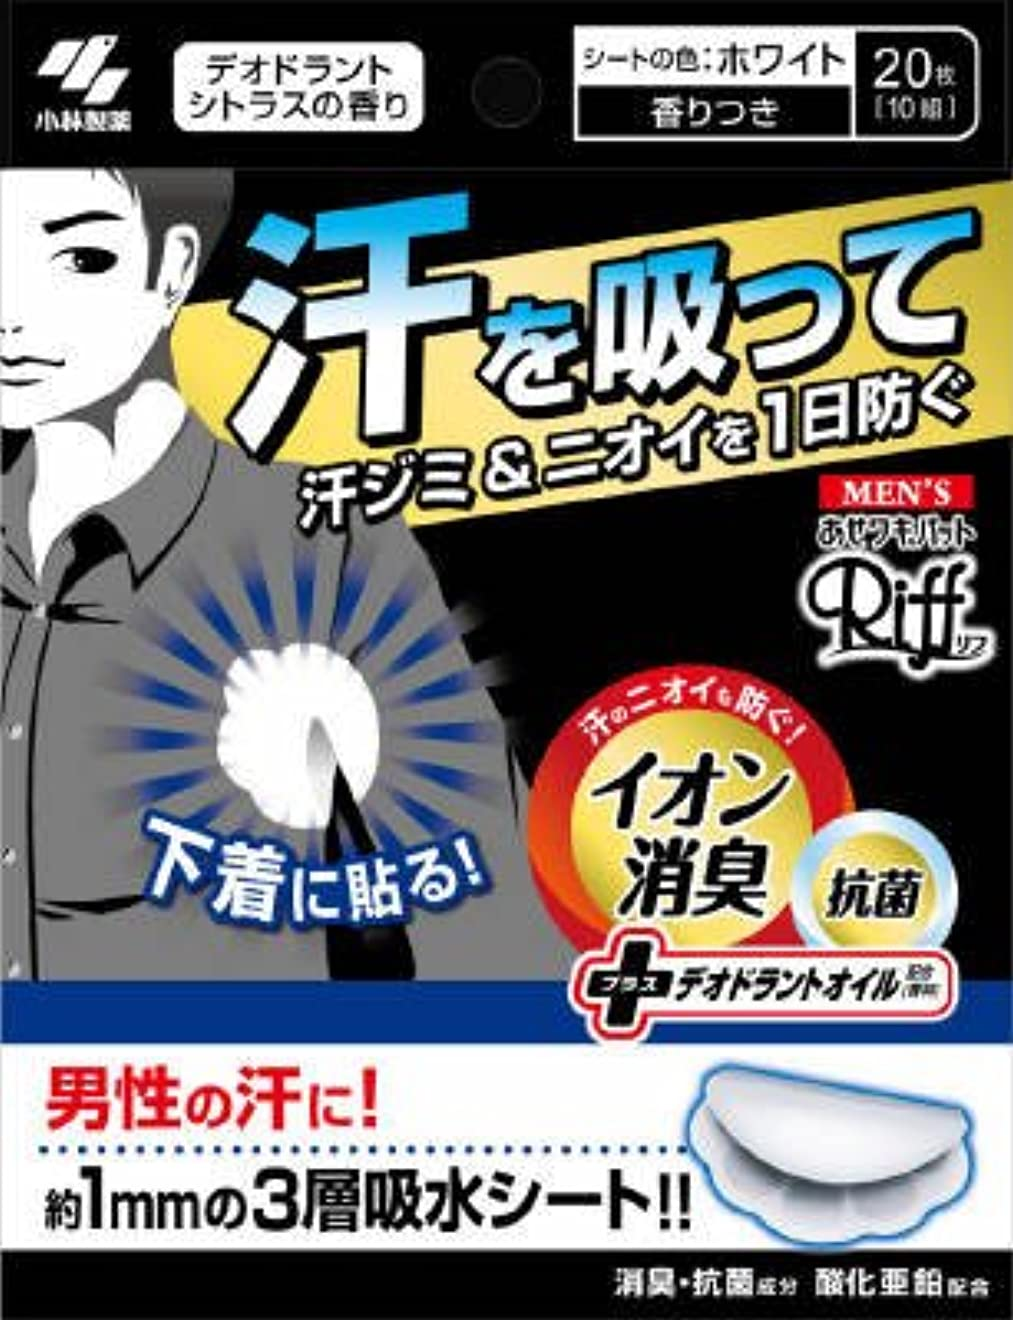 に頼る衣類マイナーメンズあせワキパット リフ ホワイト 20枚【3個セット】